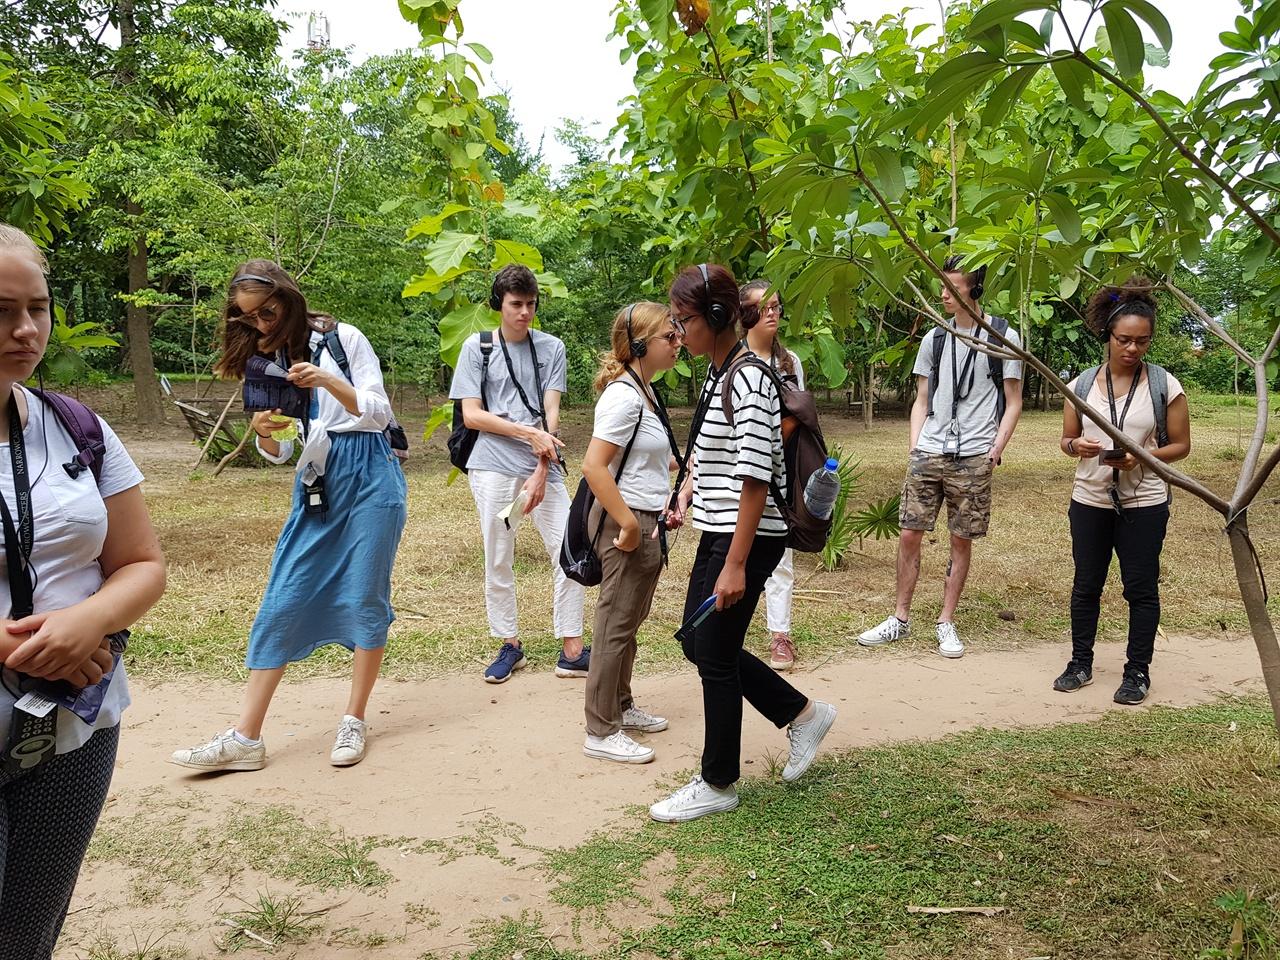 슬프고 진지한 모습으로 기념관을 걷는 푸른 눈의 청소년들. 함께 울어주는 이들의 모습이 감동적이었다.